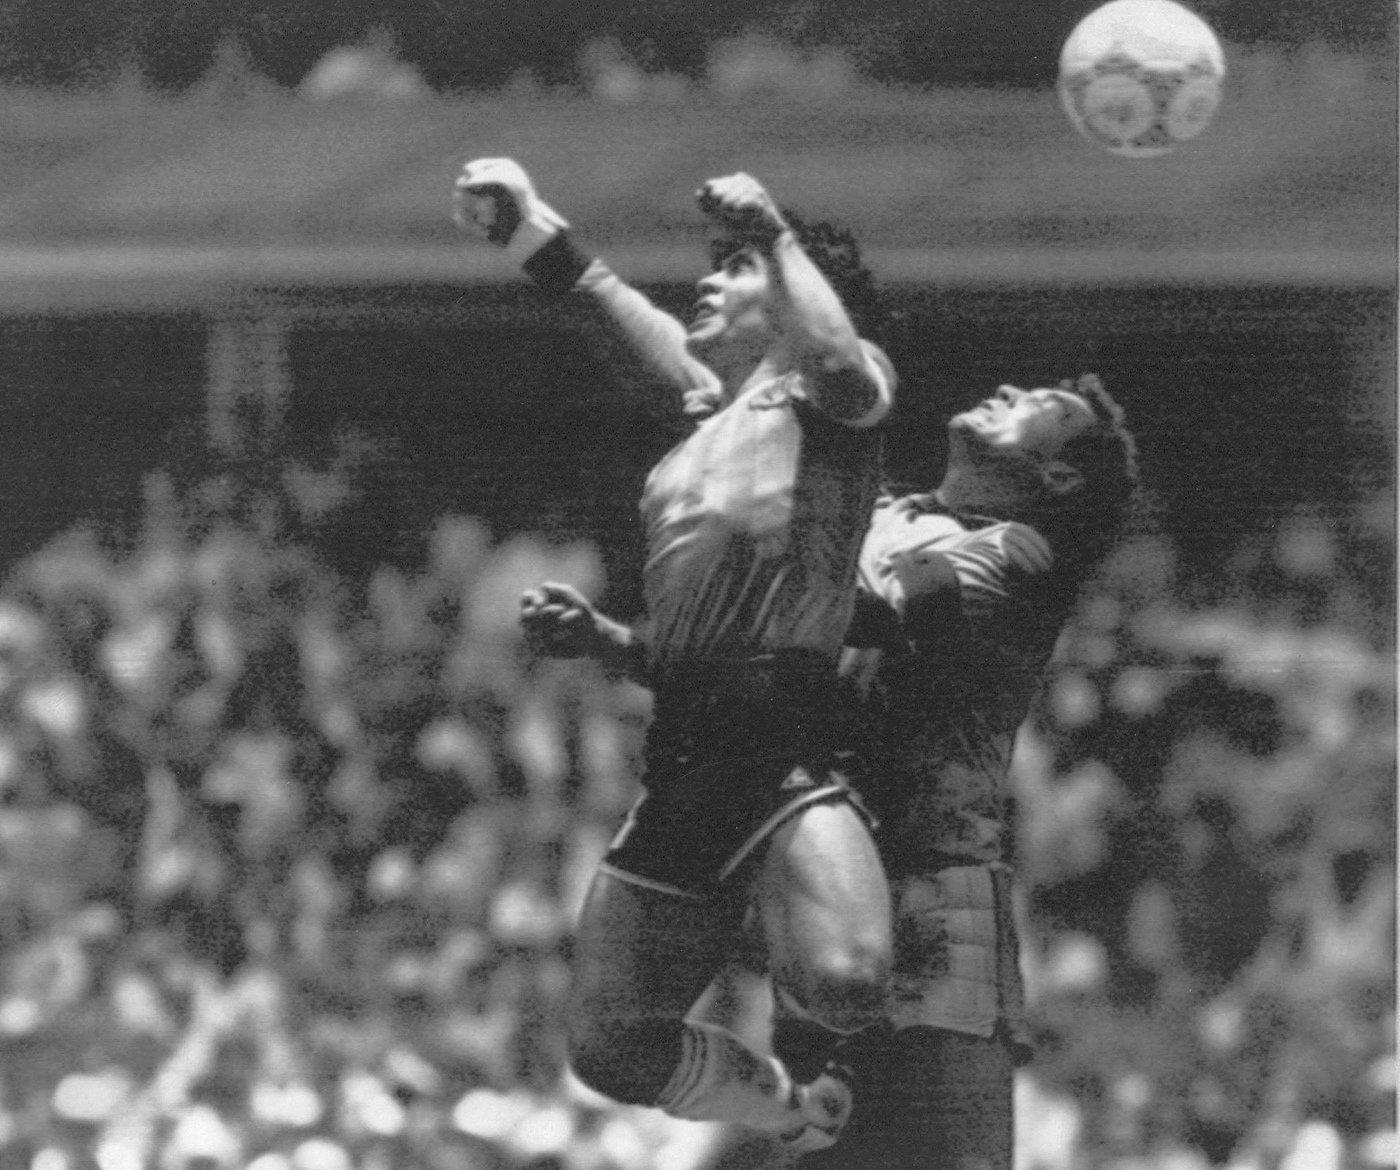 Calcio: Di Maio, 'triangolare pace Italia-Inghilterra-Argentina in ricordo Maradona'